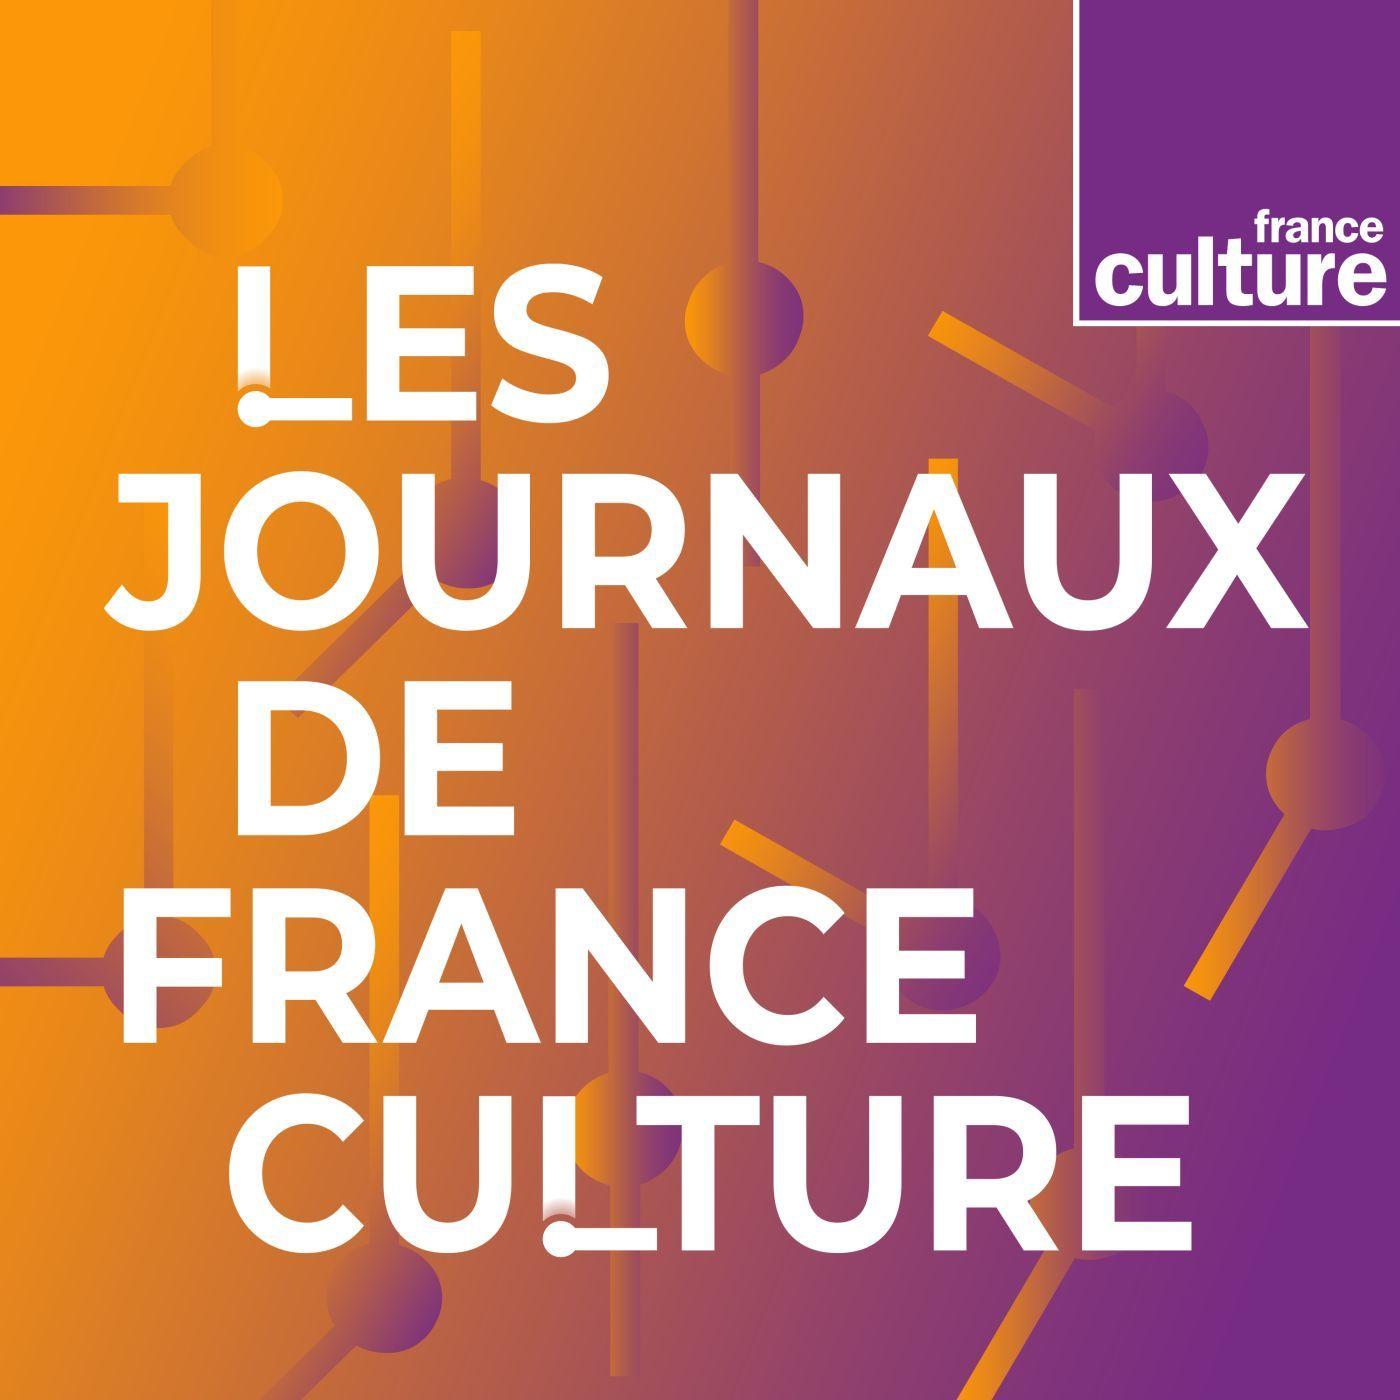 Image 1: Les journaux de France Culture